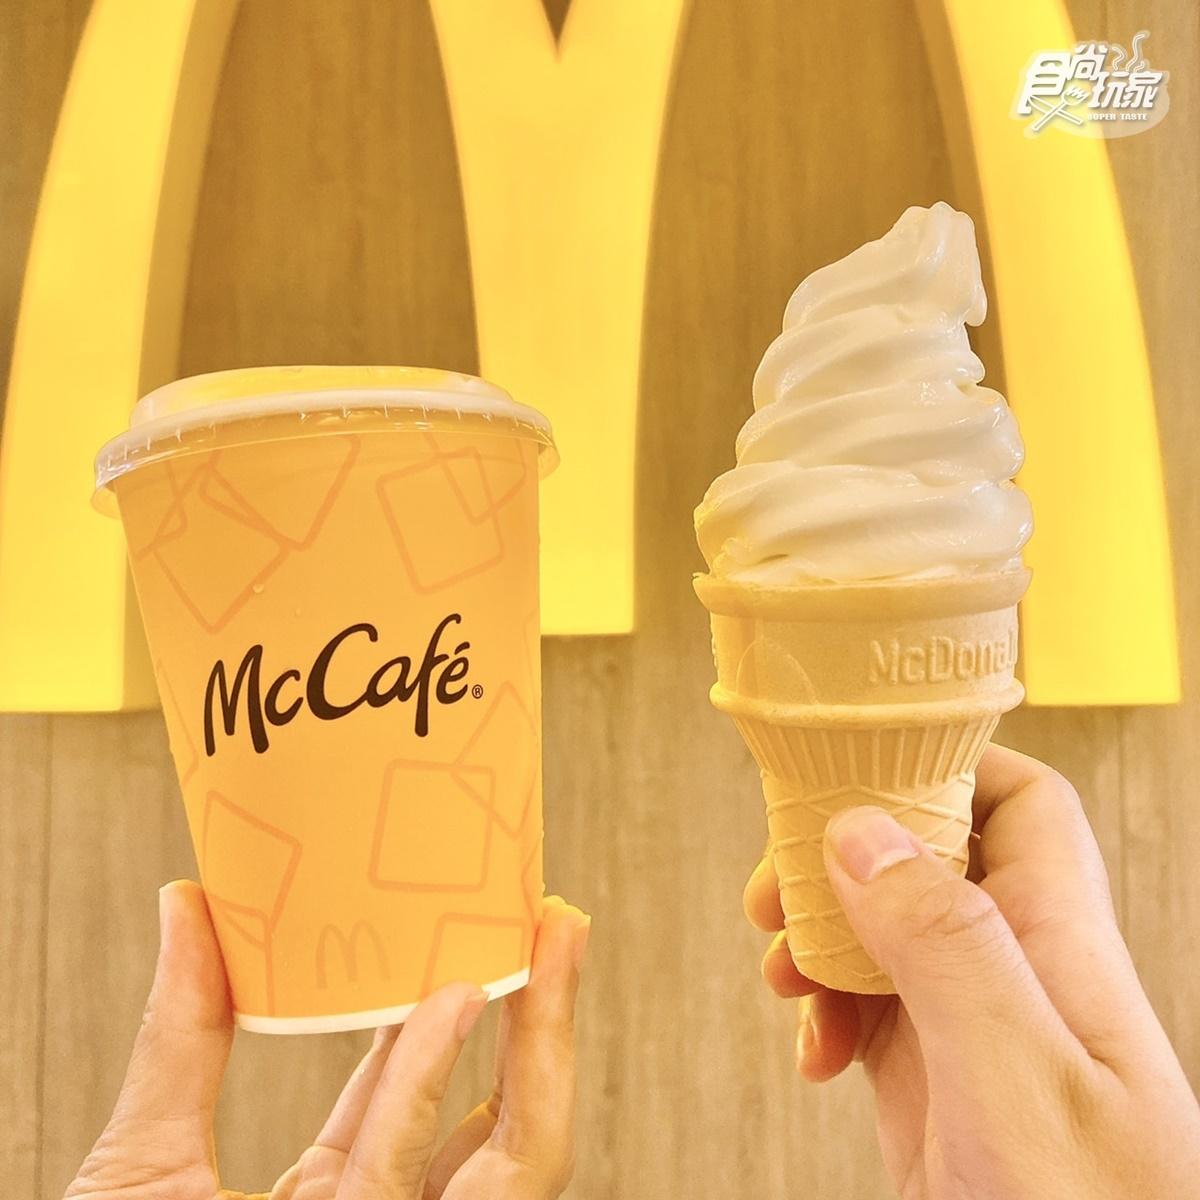 麥當勞漂浮系列回歸?漸層「漂浮黑咖啡」超欠喝,網曝甜心卡隱藏點法